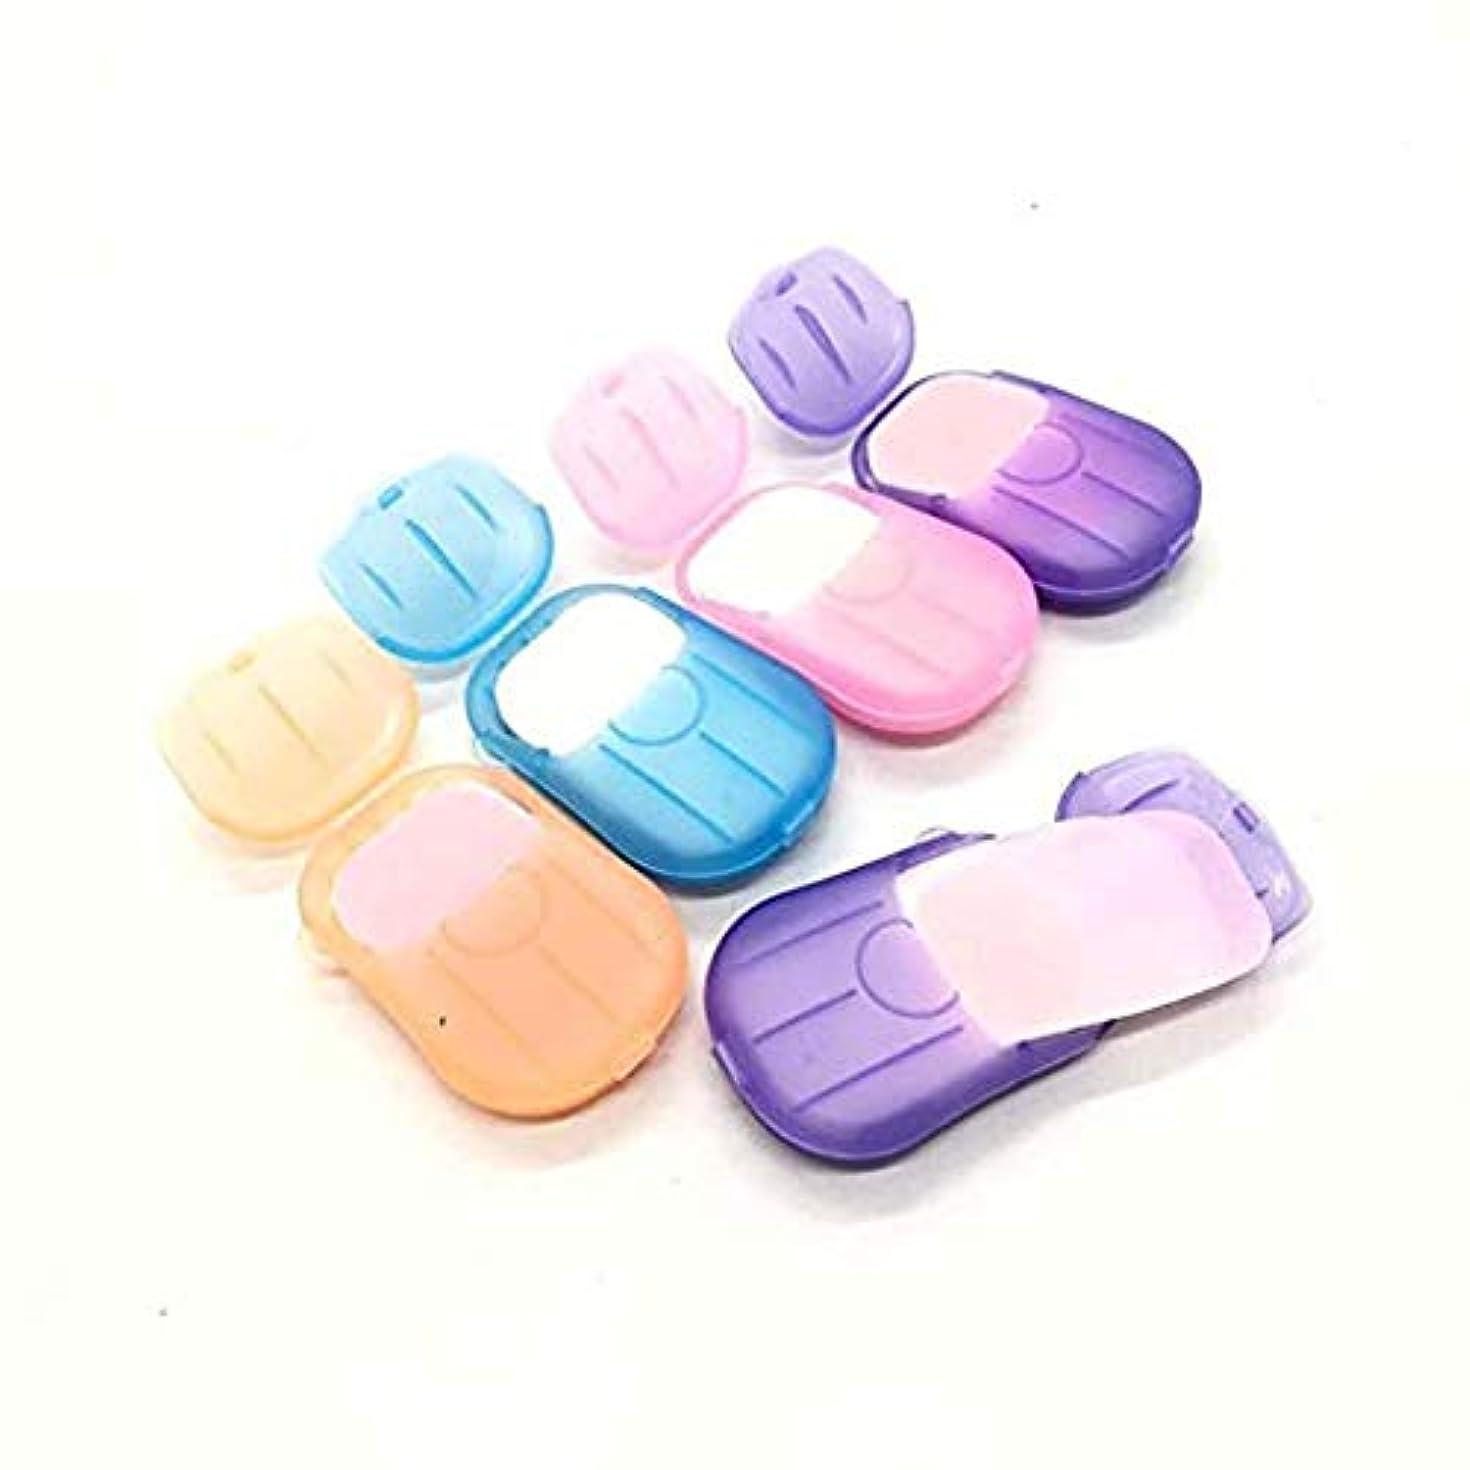 メイド世界有料Arvolno ペーパーソープ 紙せっけん 6個セット 石鹸 携帯用除菌 香り 超軽量 持ち運び 手洗い/お風呂 お出かけ 旅行 20枚/ケース (6個セット)